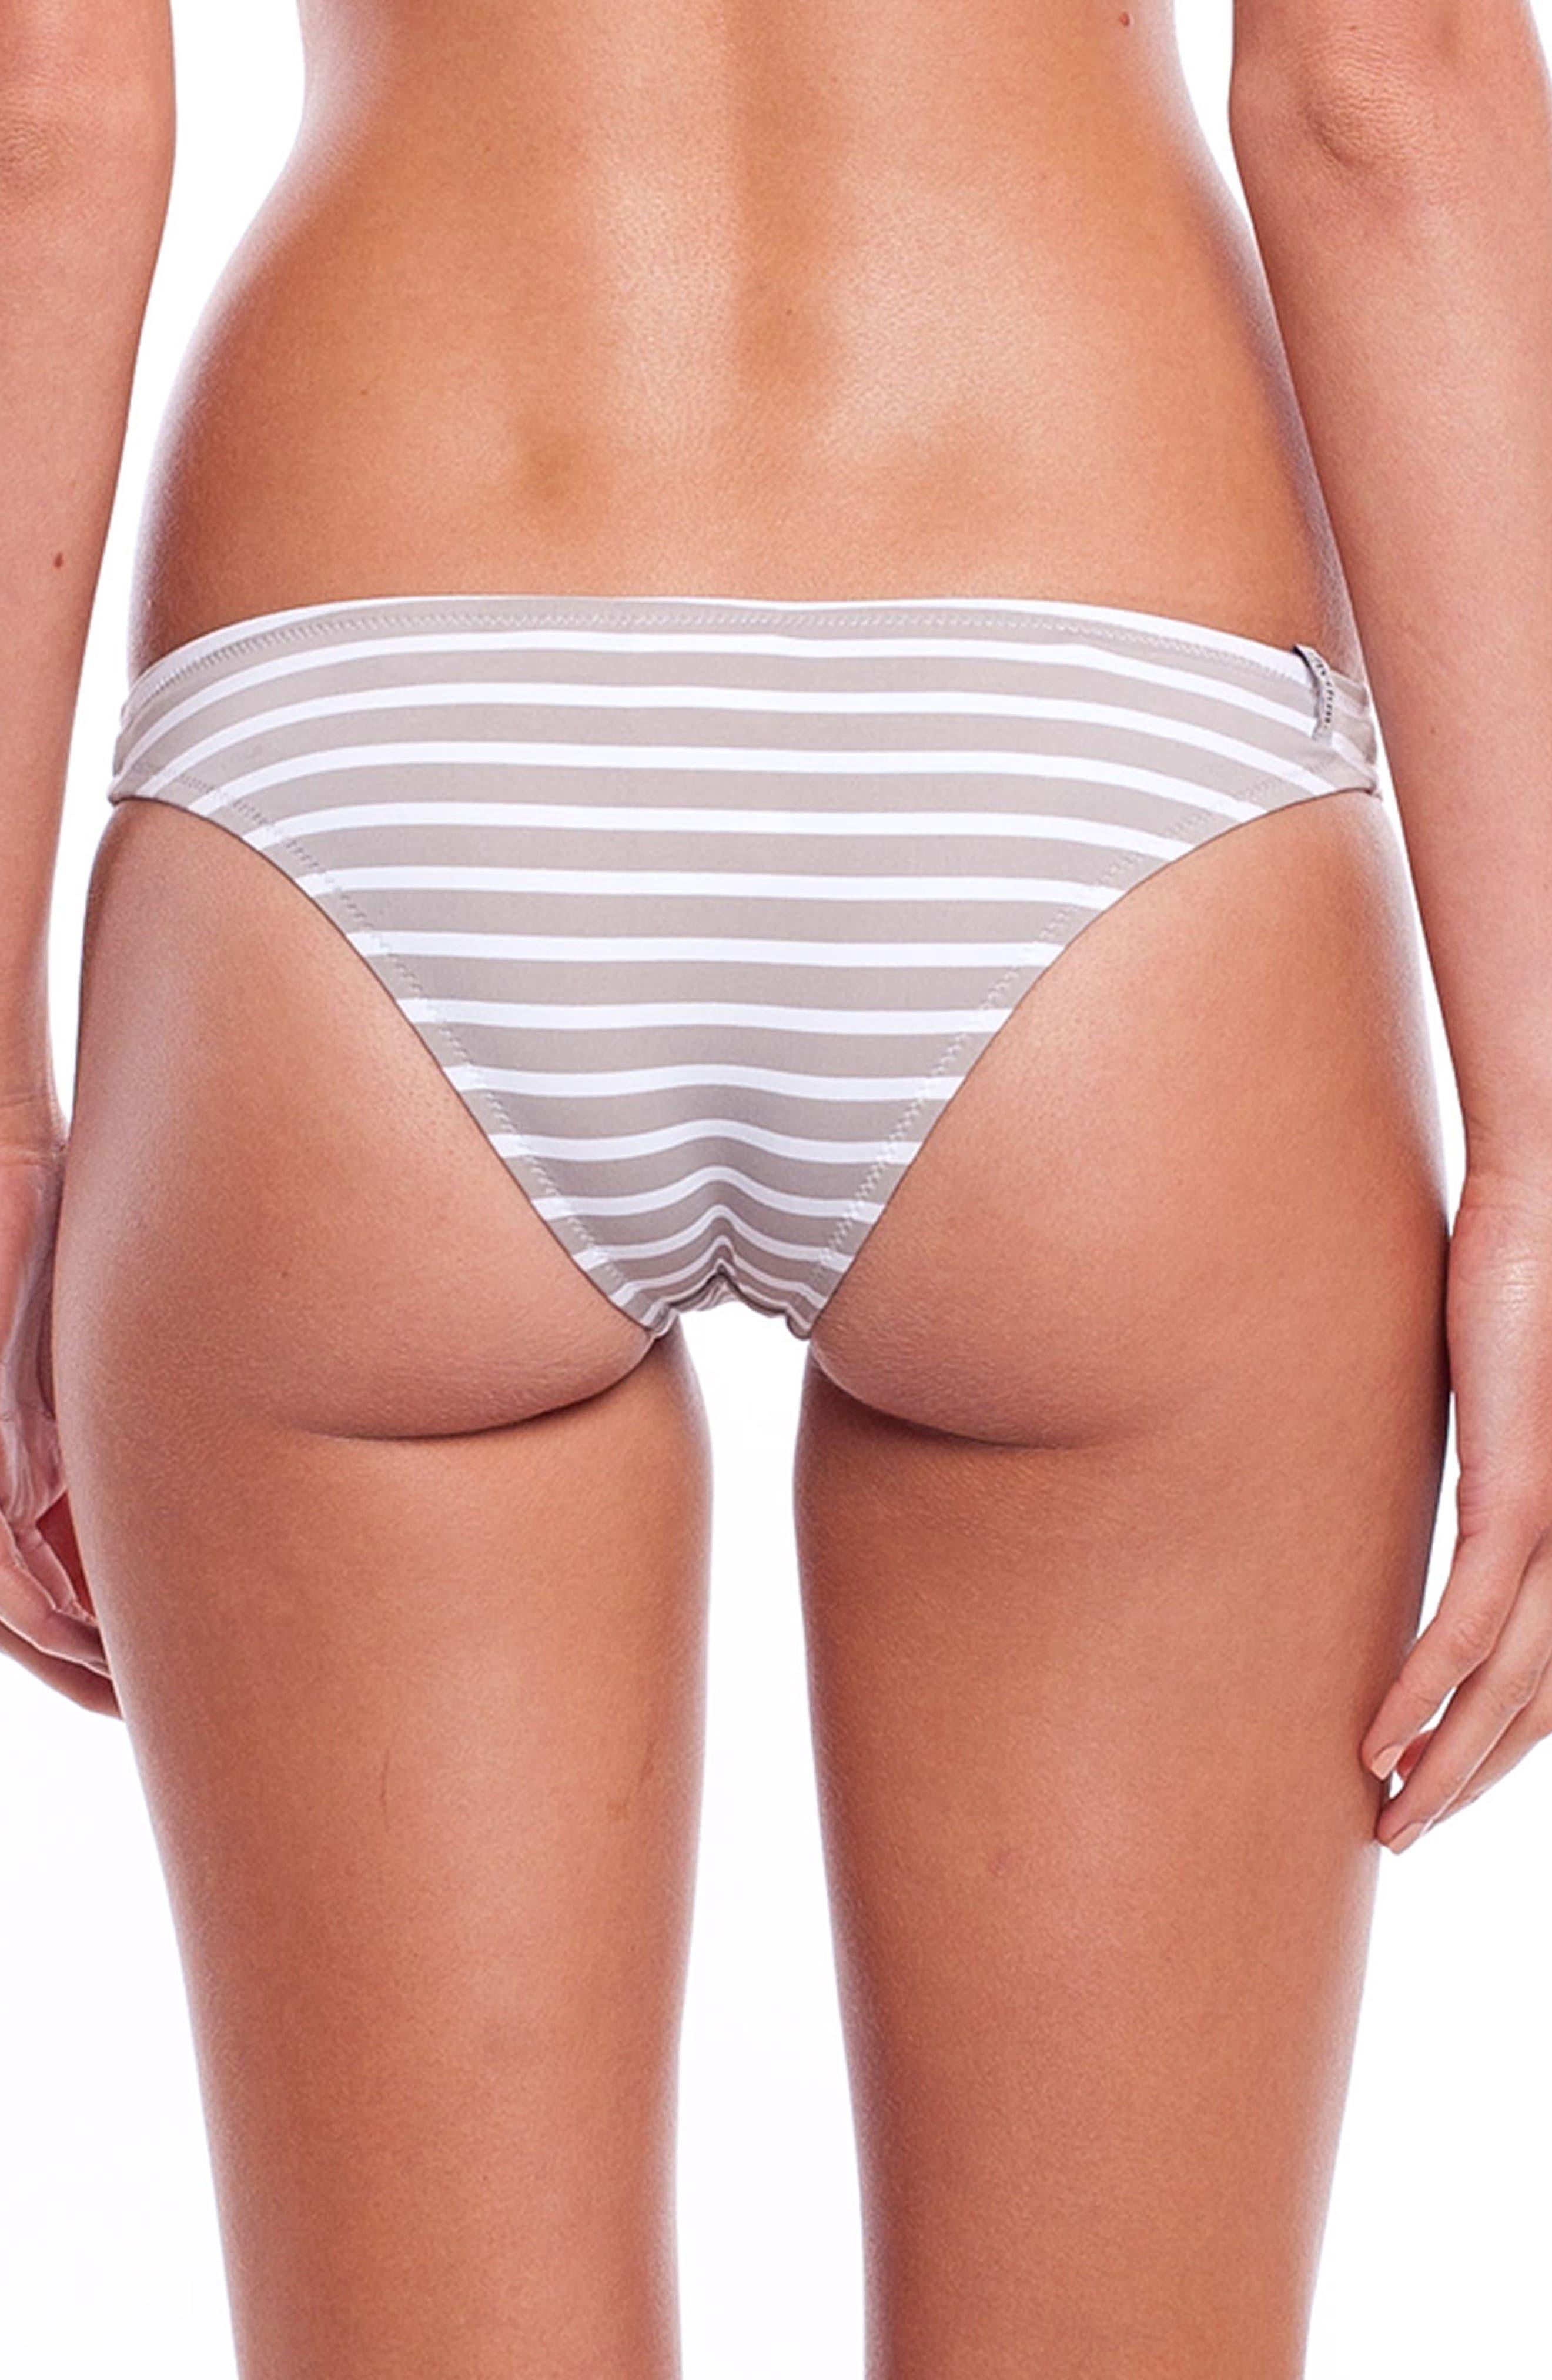 Shoreline Bikini Bottoms,                             Alternate thumbnail 2, color,                             020